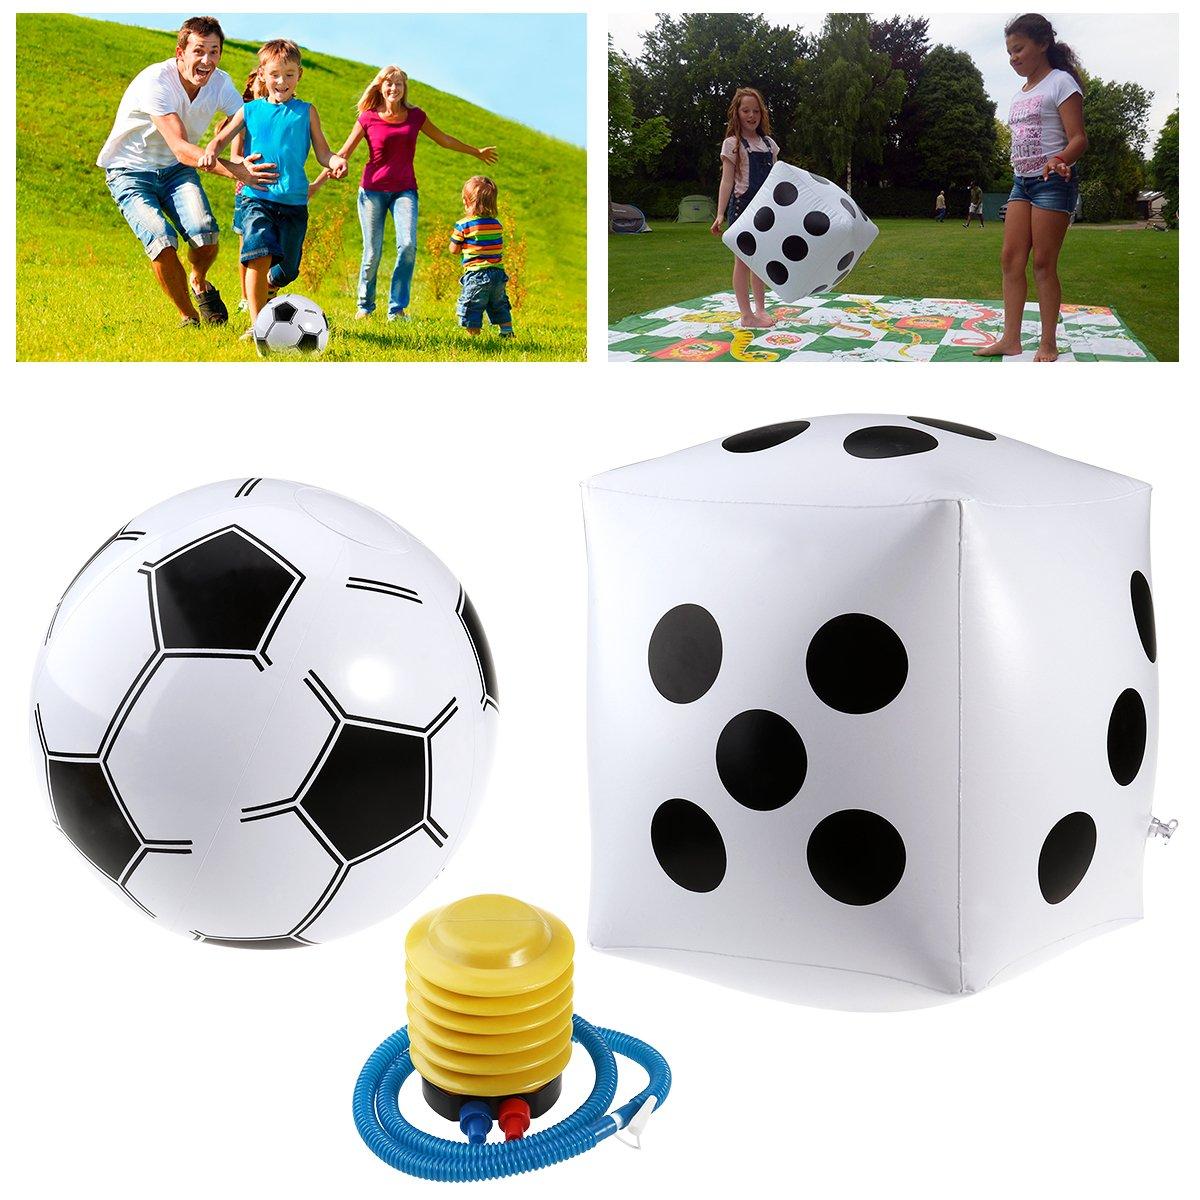 YeahiBaby Dé gonflable géant de 38cm + boule de football de 23cm + pompe de gonflage, jeux de partie de famille